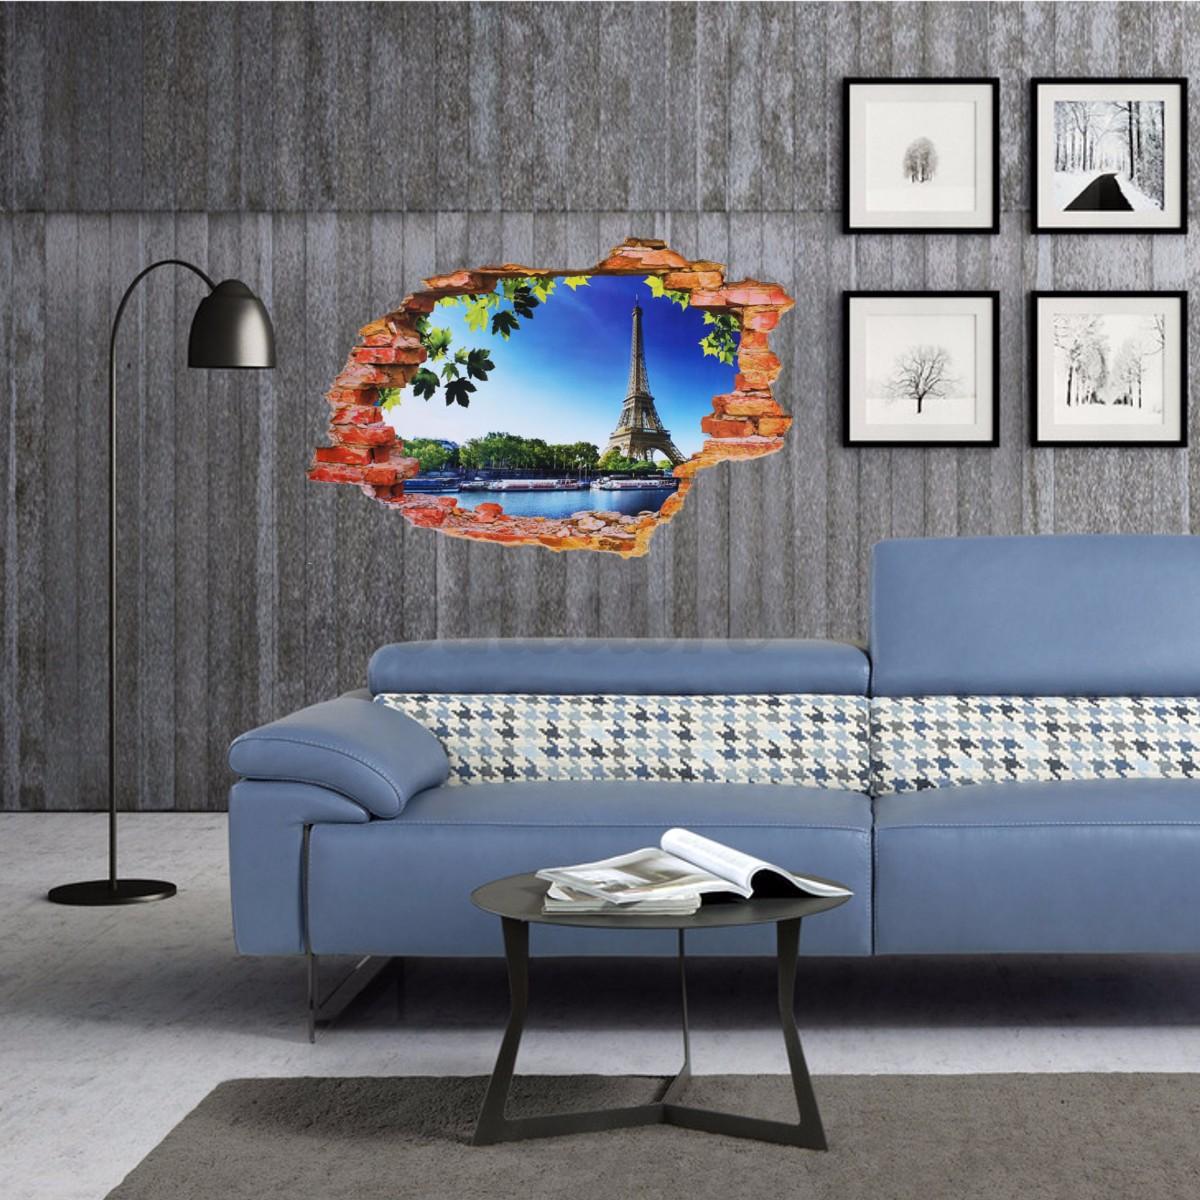 3d wandtattoo sch n g nstig 3d wandtattoo strand landschaft pvc fototapete 3d wandtattoo cliff. Black Bedroom Furniture Sets. Home Design Ideas